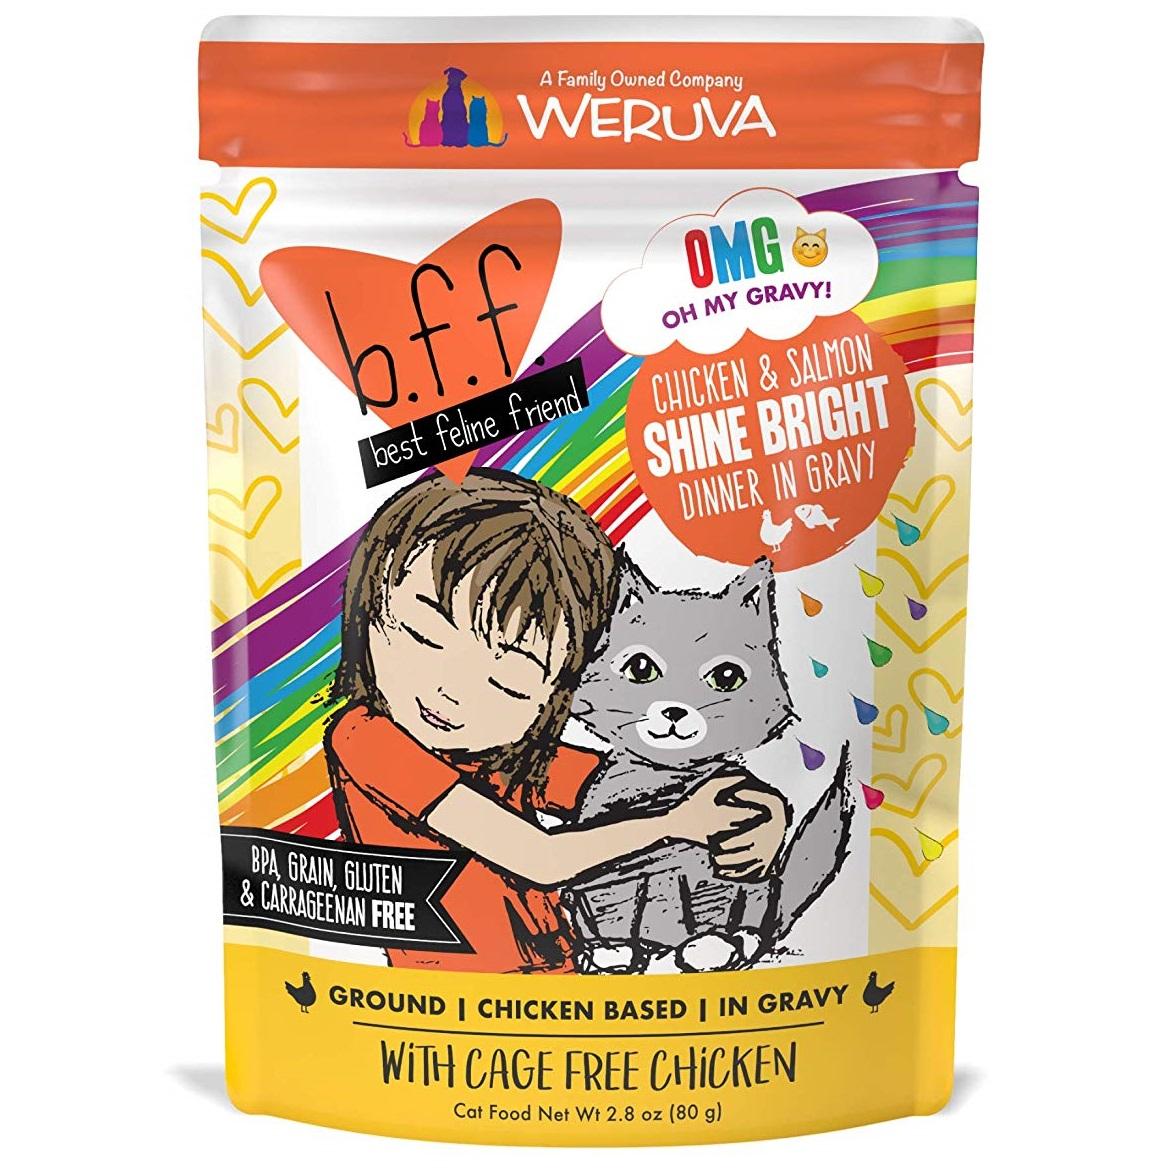 BFF Oh My Gravy! Shine Bright! Chicken & Salmon Dinner in Gravy Grain-Free Wet Cat Food, 3-oz pouch